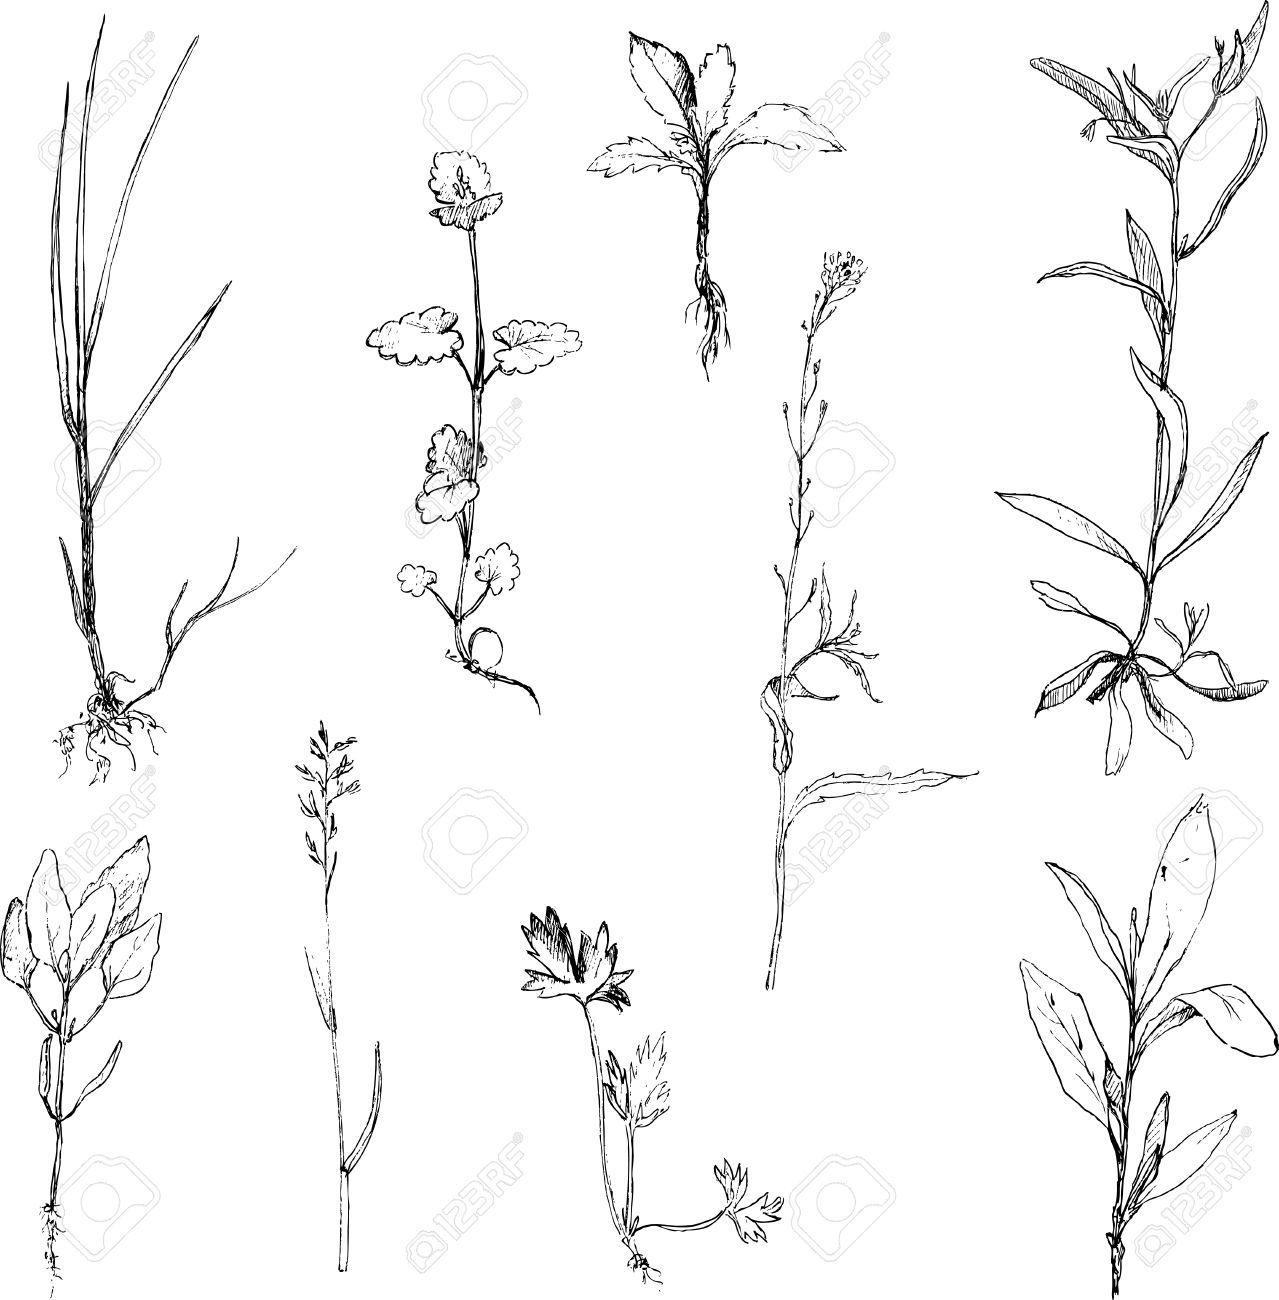 vintage plant illustration - Google zoeken | plants sketch ...